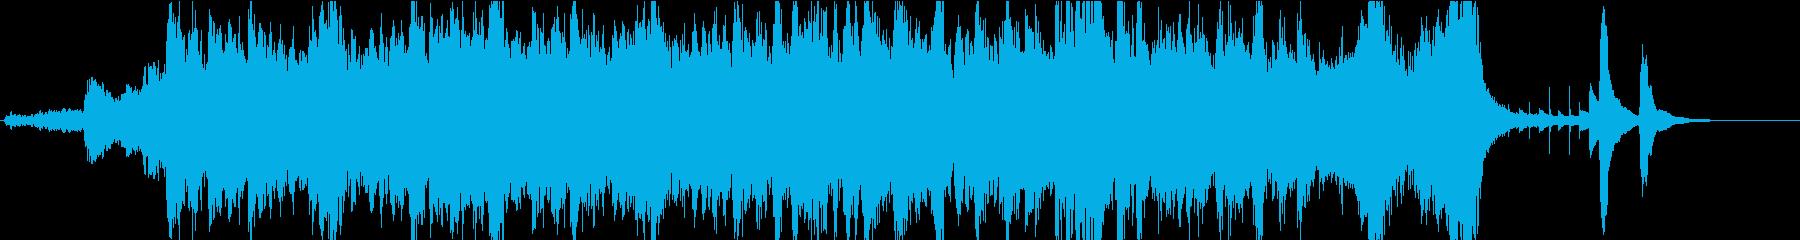 短縮版】ハリウッド風さわやかオーケストラの再生済みの波形